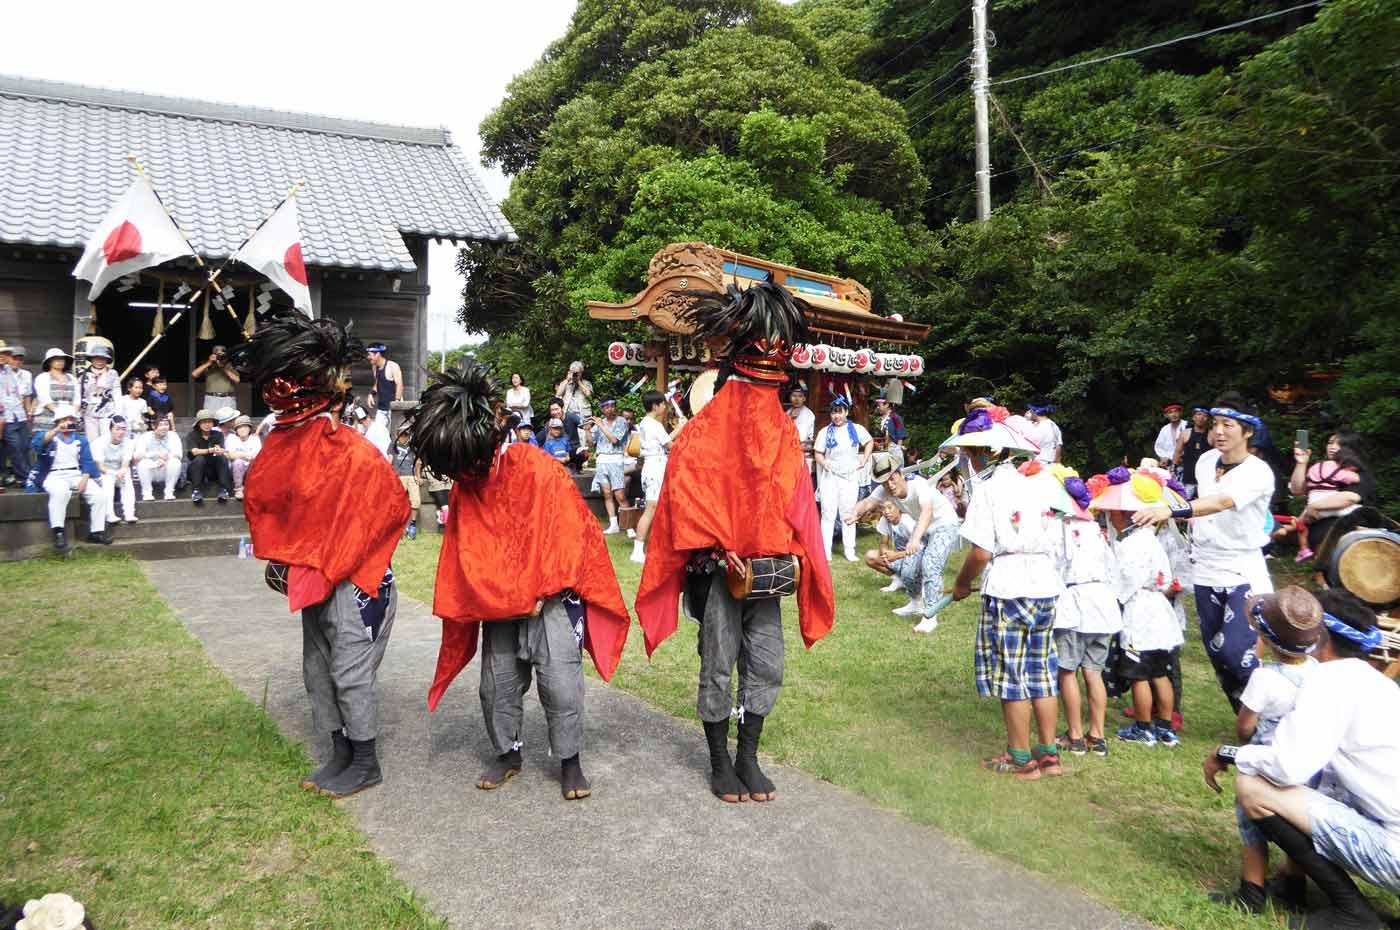 瀧淵神社の鞨鼓舞い